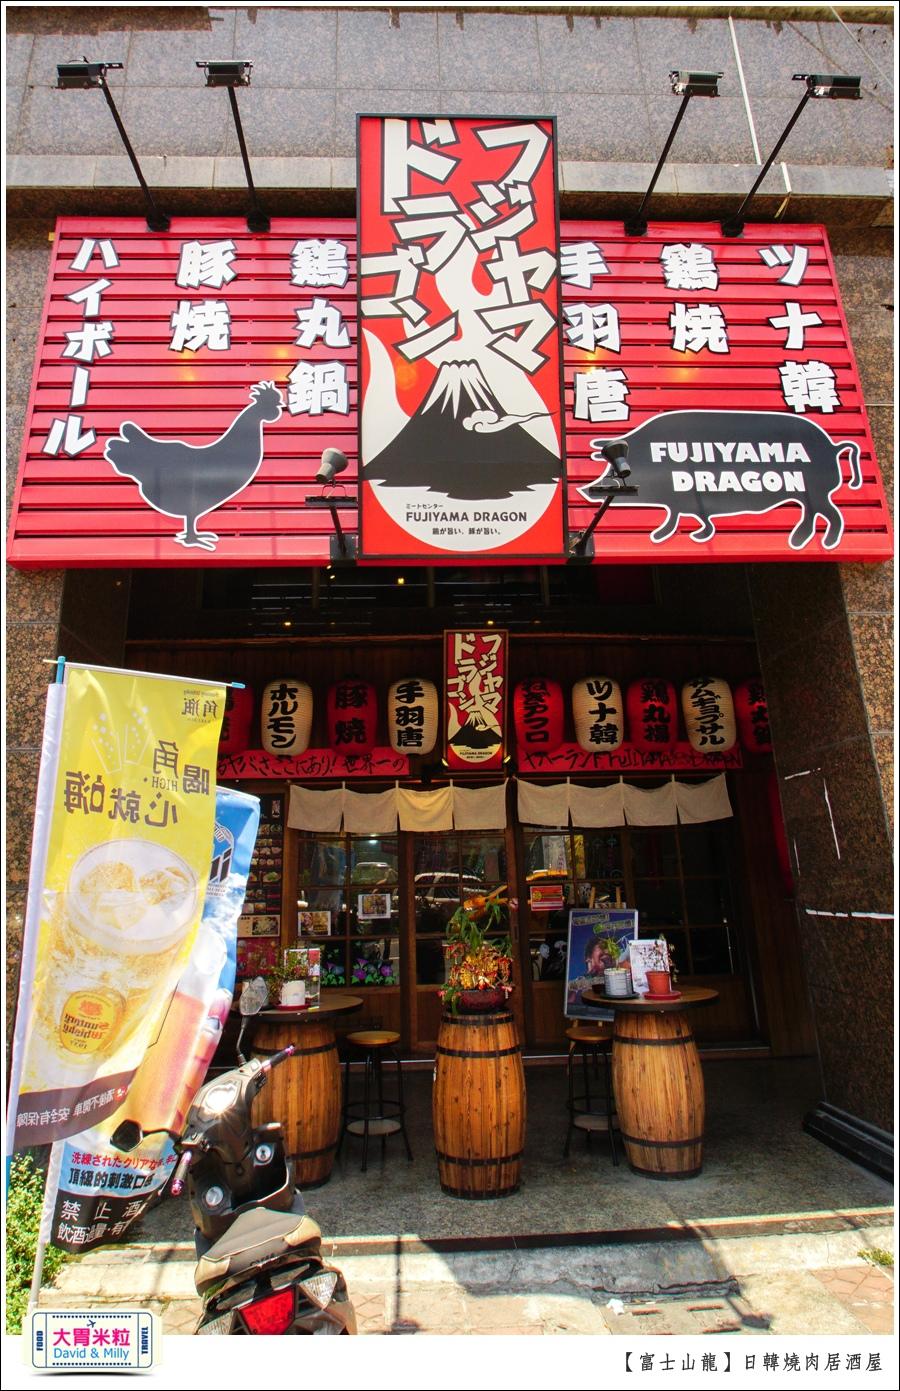 高雄日韓燒肉居酒屋推薦@富士山龍高雄店@大胃米粒0001.jpg